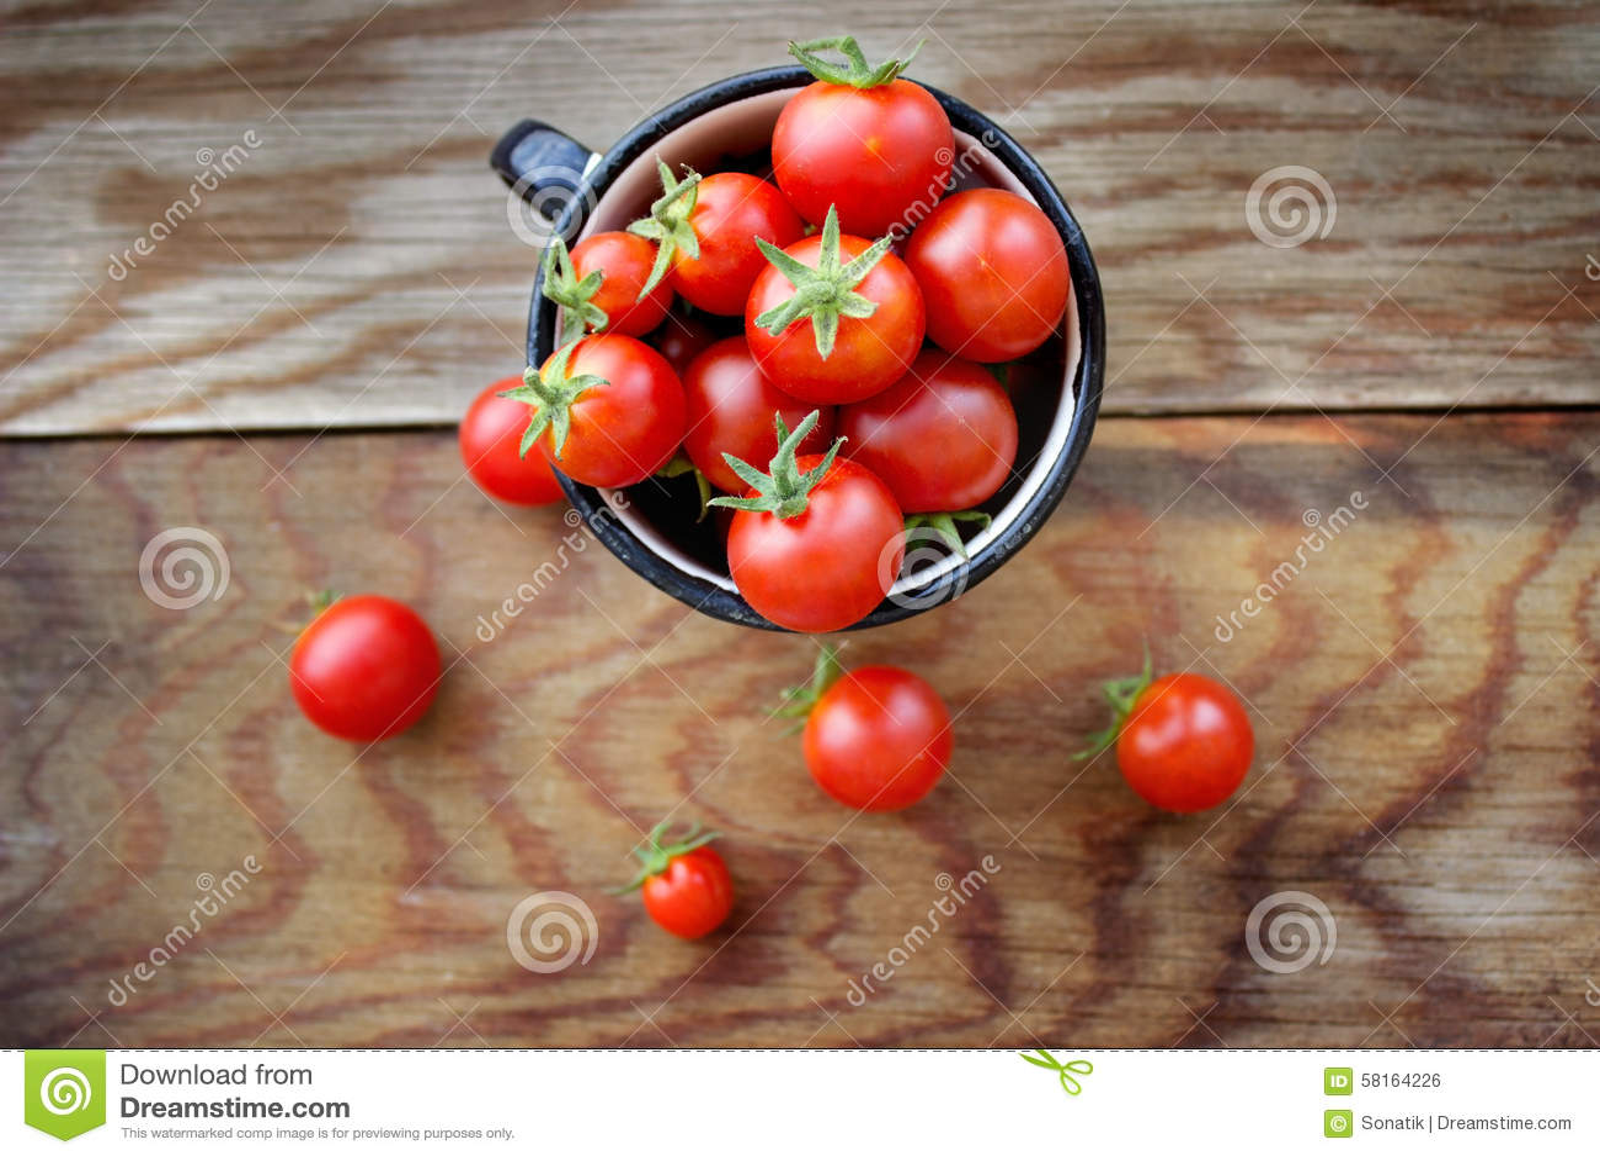 Pomodori ciliegia in tazza su una tavola di legno